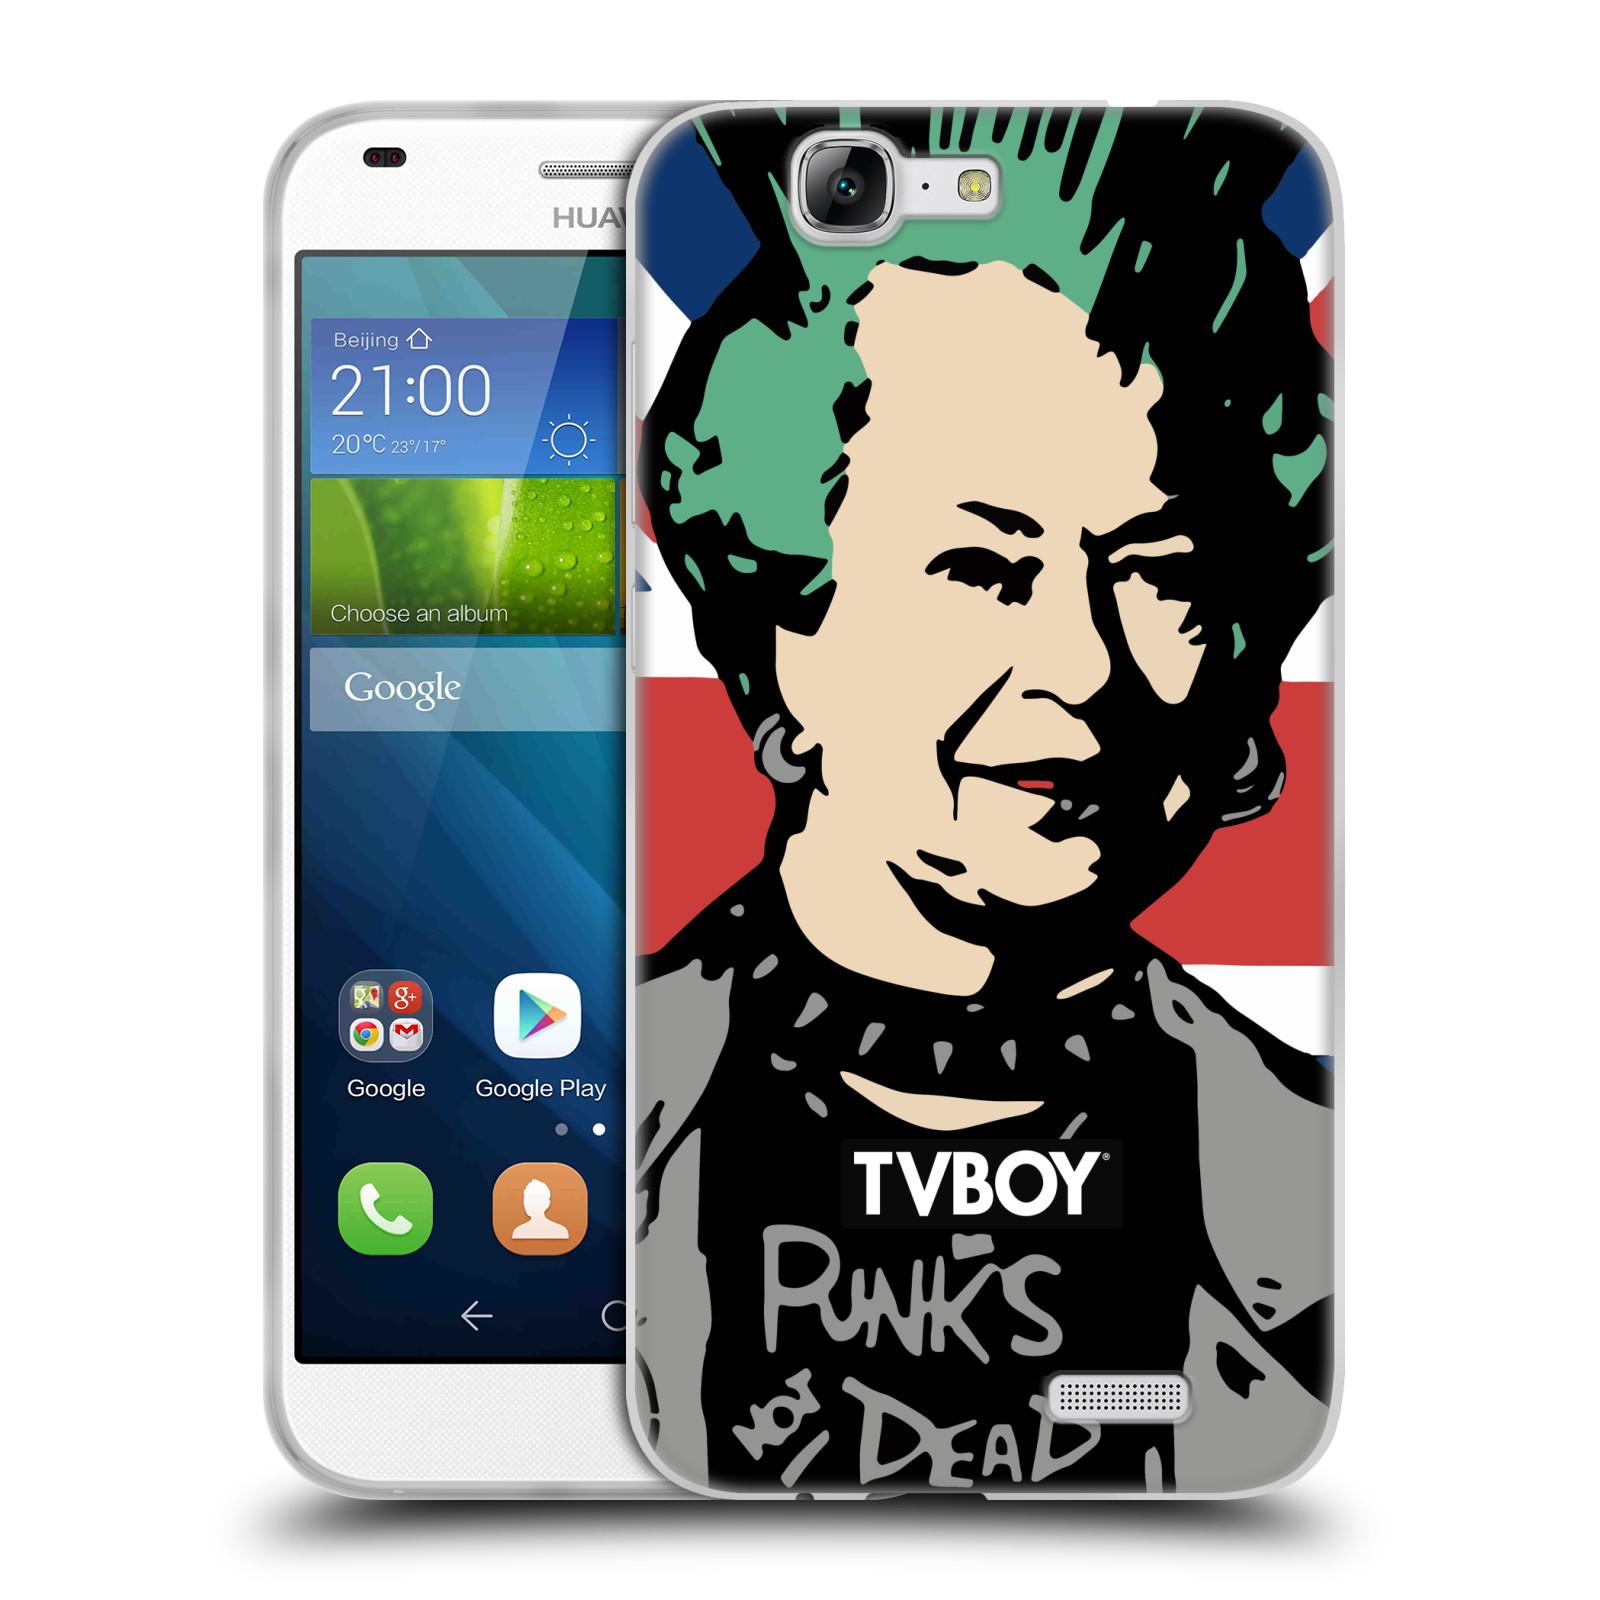 Silikonové pouzdro na mobil Huawei Ascend G7 HEAD CASE - TVBOY - Punková Královna (Silikonový kryt či obal na mobilní telefon s licencovaným motivem TVBOY pro Huawei Ascend G7)